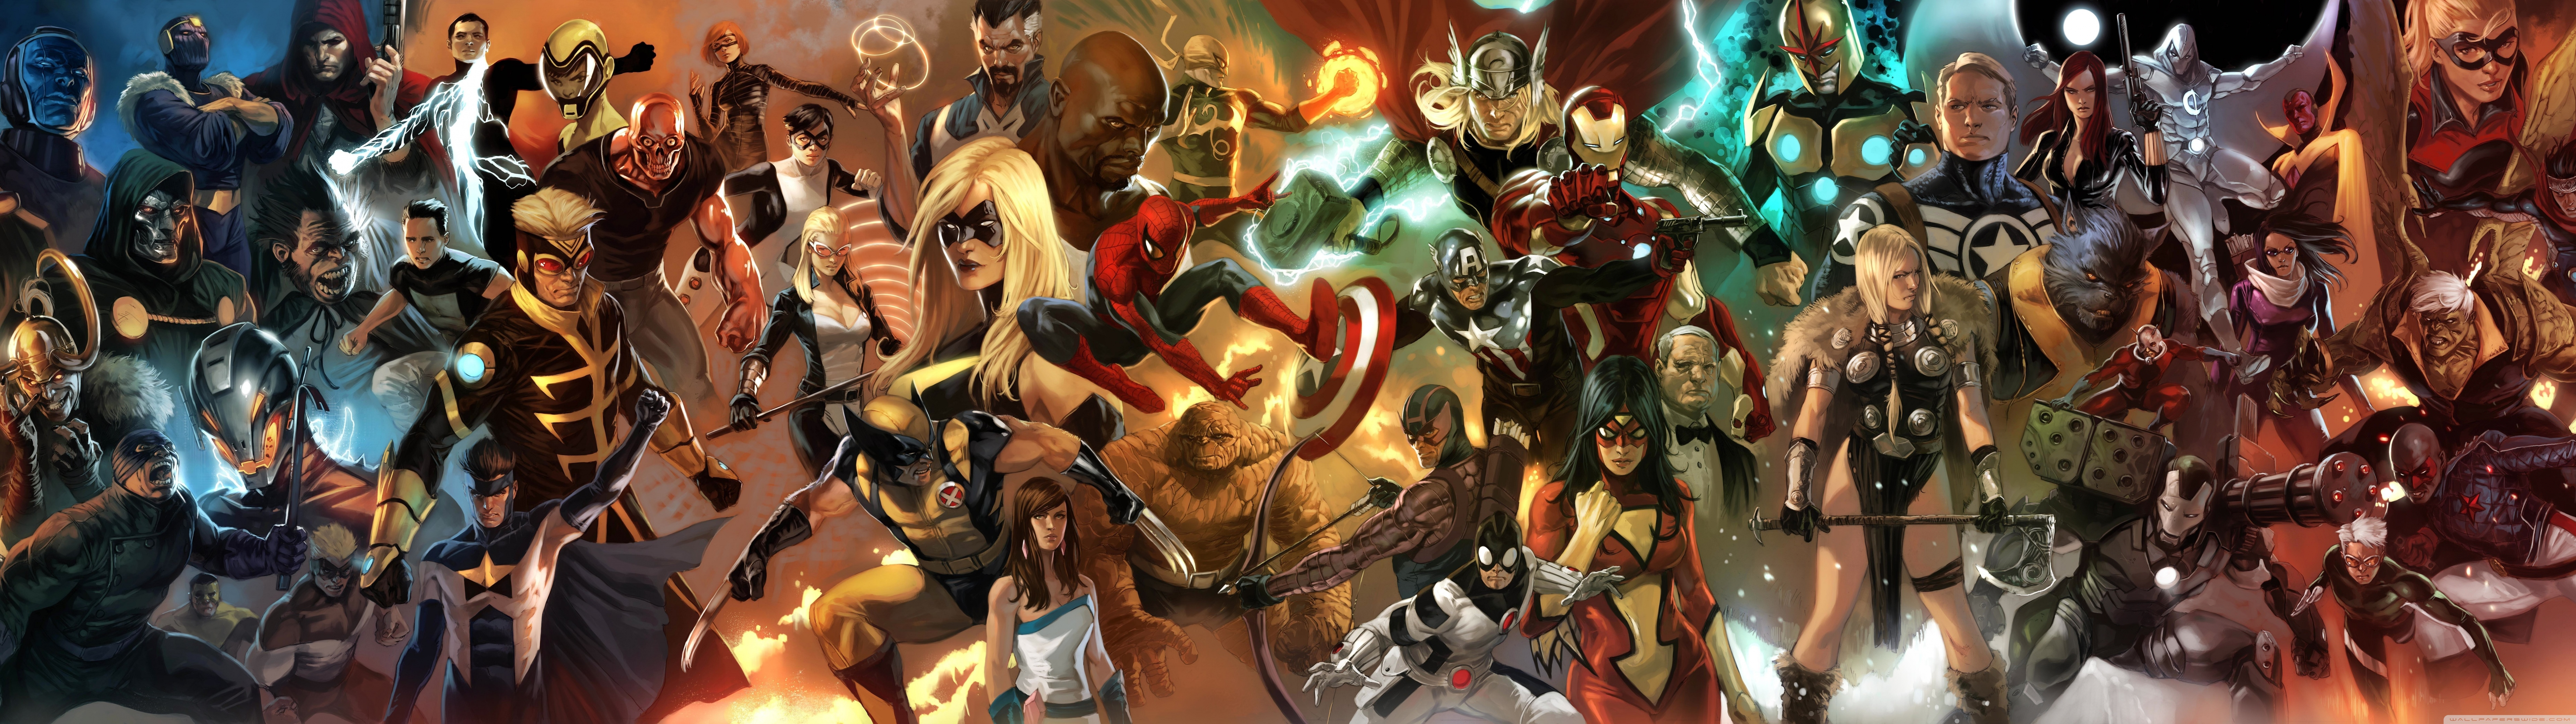 Marvel Comics Characters Wallpaper 76802160 Wallpaper 7680x2160